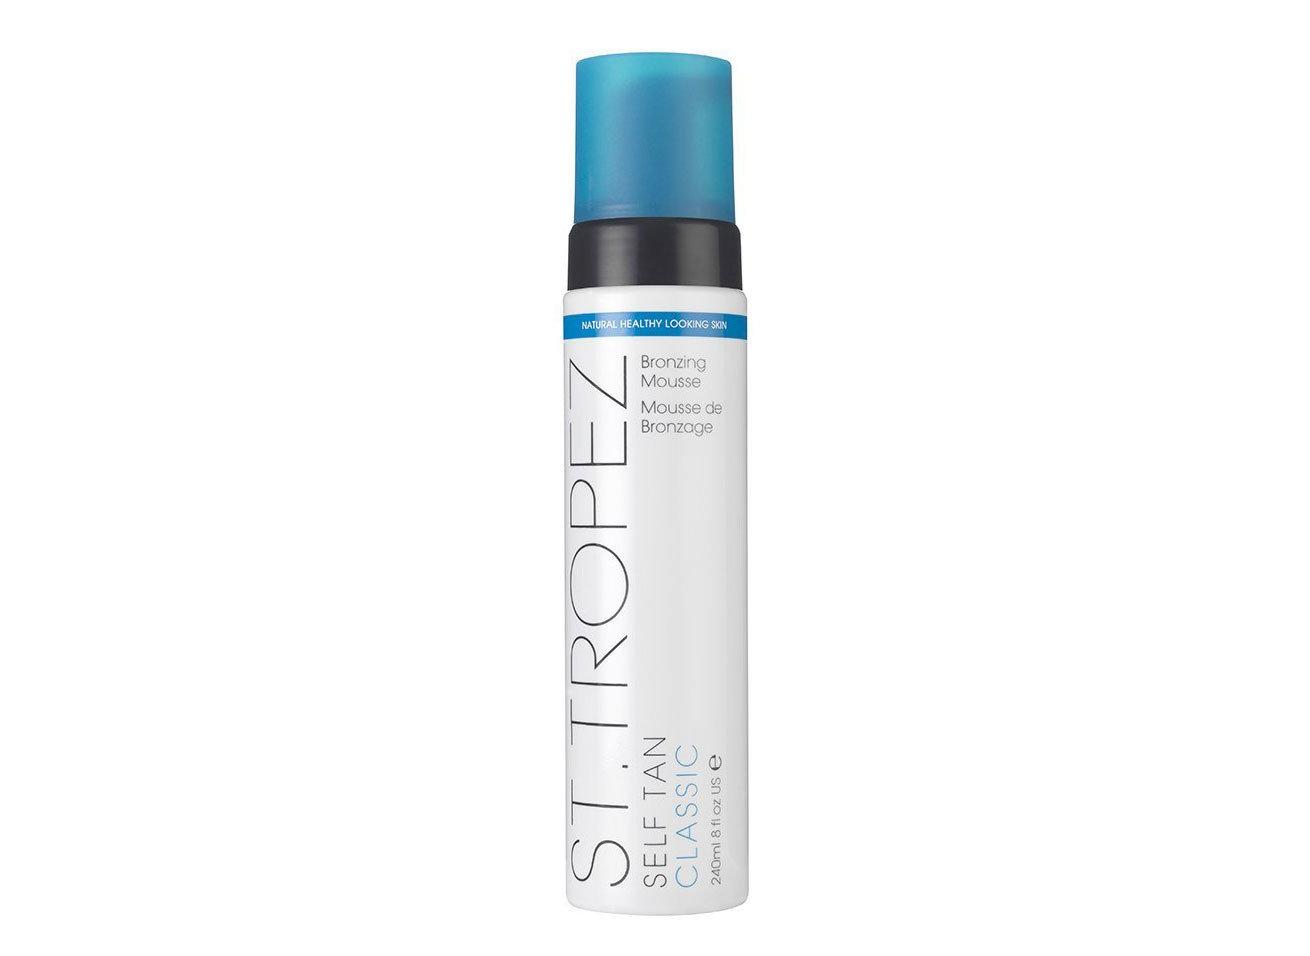 Beauty Travel Shop product toiletry spray skin care liquid deodorant health & beauty